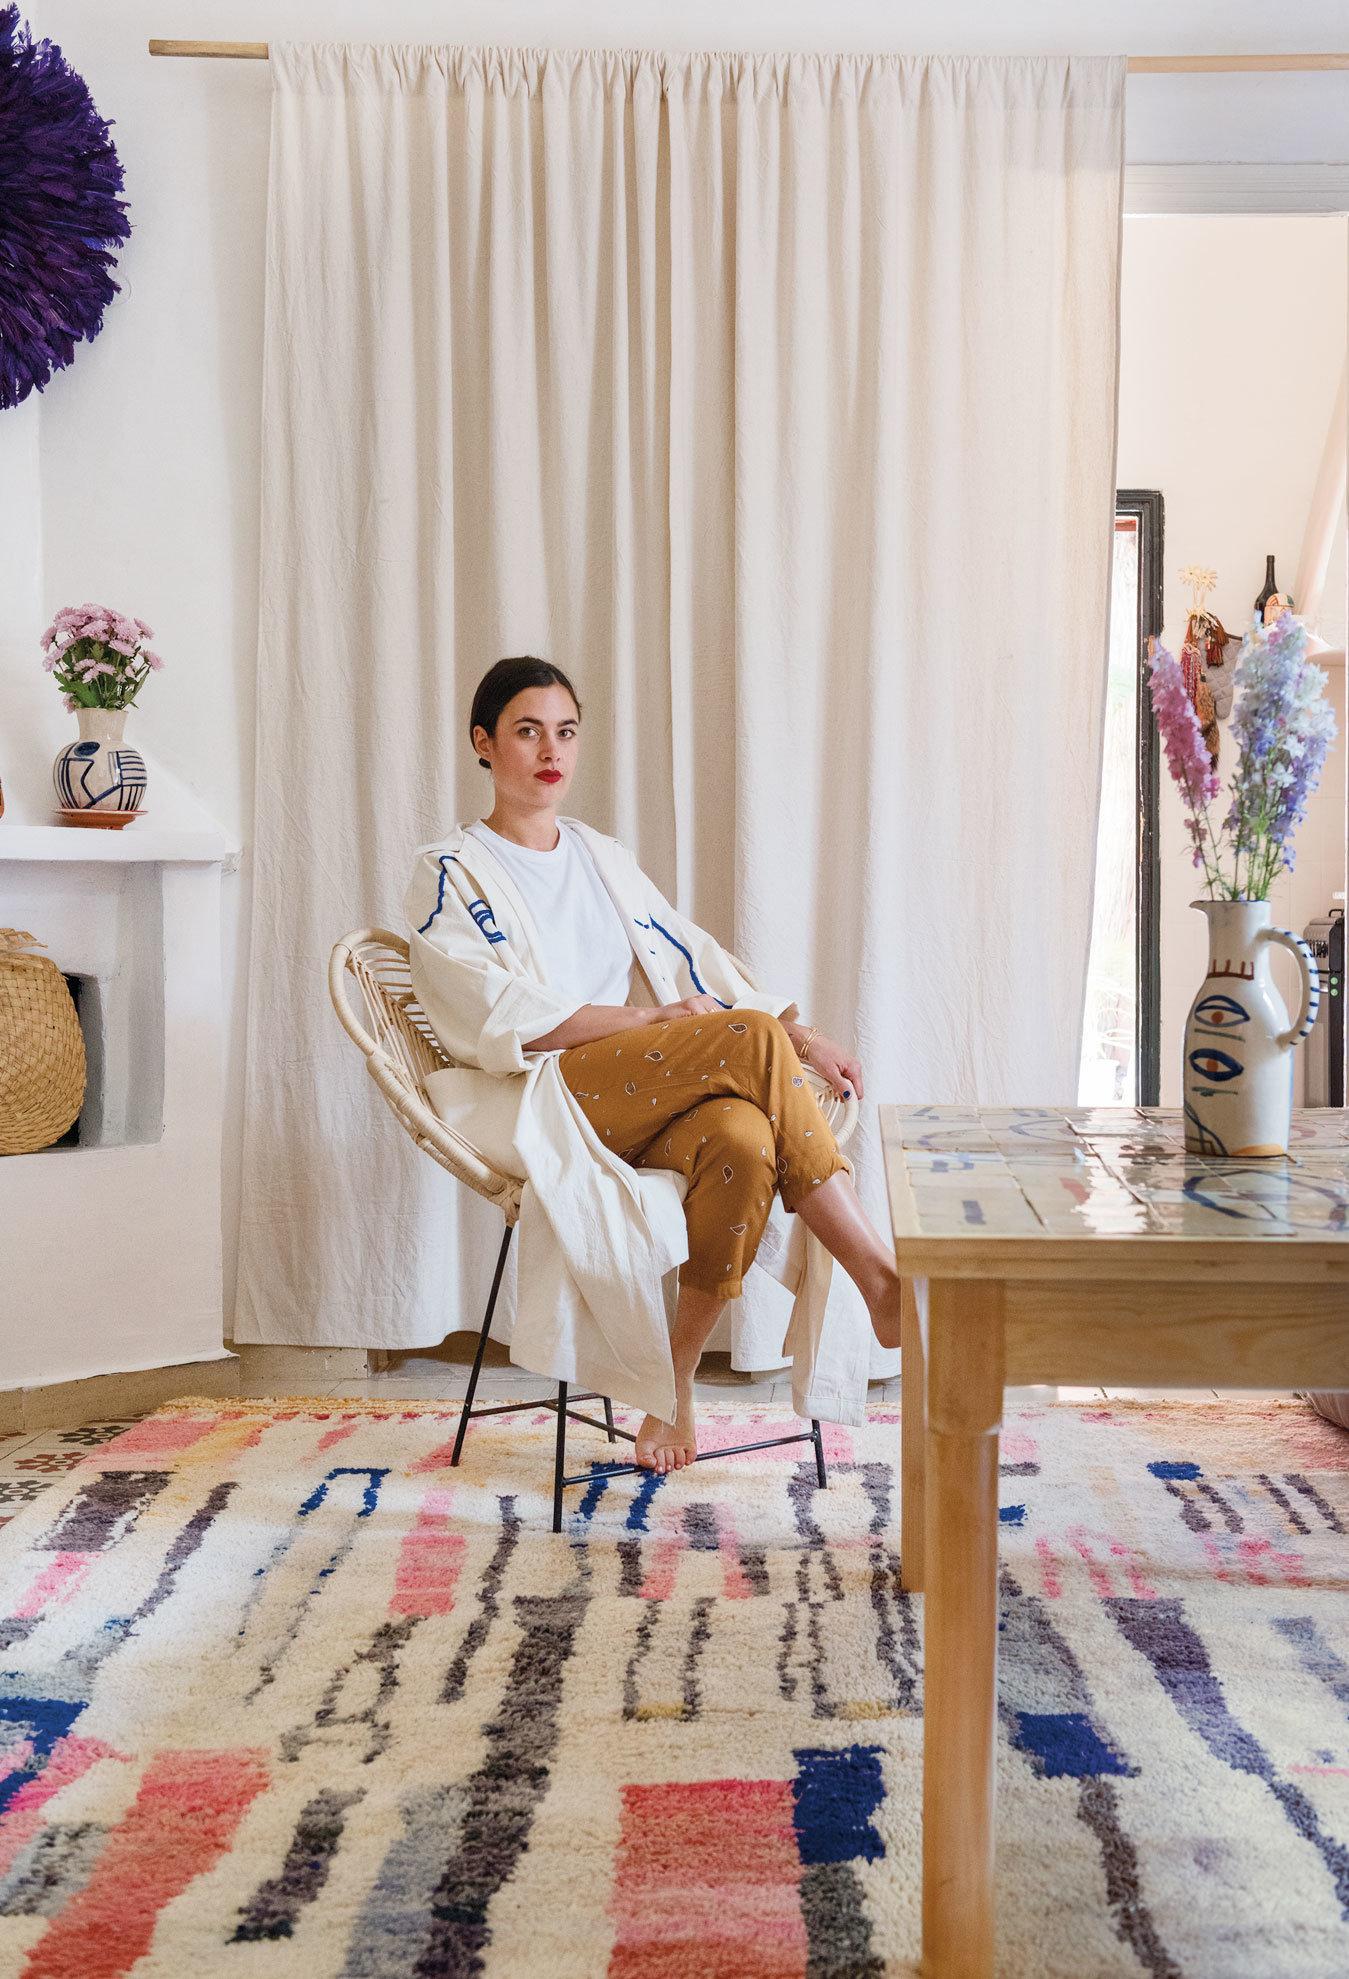 décoration,maroc,marrakech,Lrnce,New York Times Magazine,laurence Leenaert,tapis,céramiques,créatrice